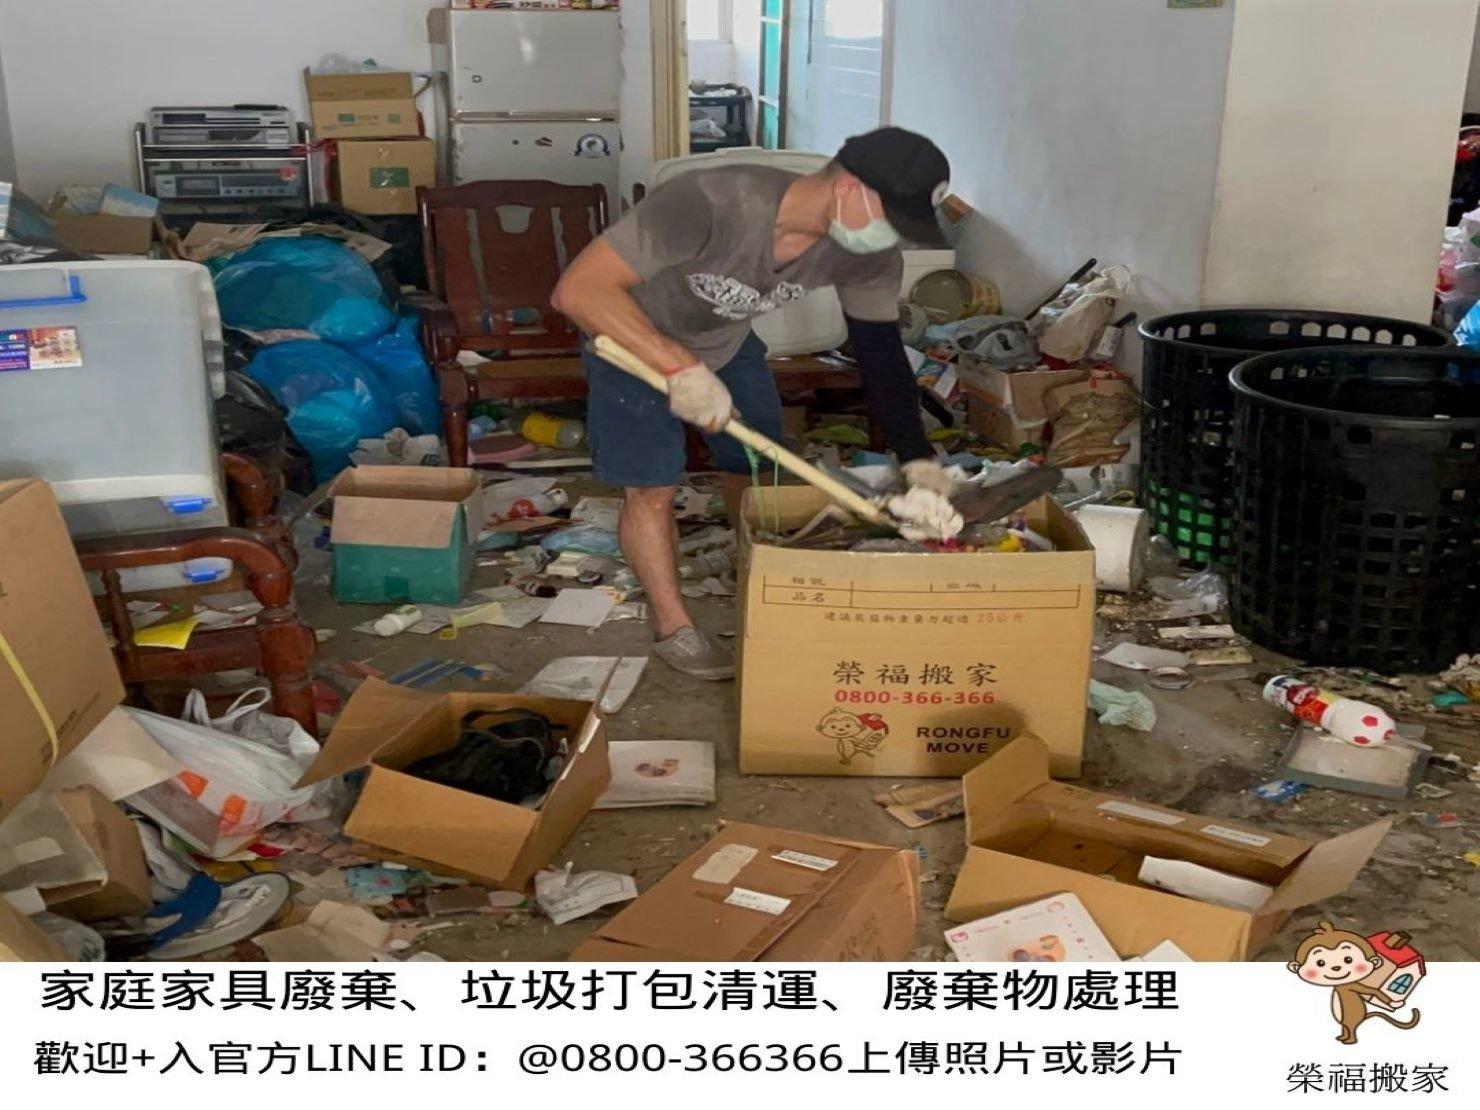 【廢棄物處理清運、家庭家具垃圾處理】多年未居住的老家整間家具與雜物,榮福搬家專人到府整理家庭垃圾清運